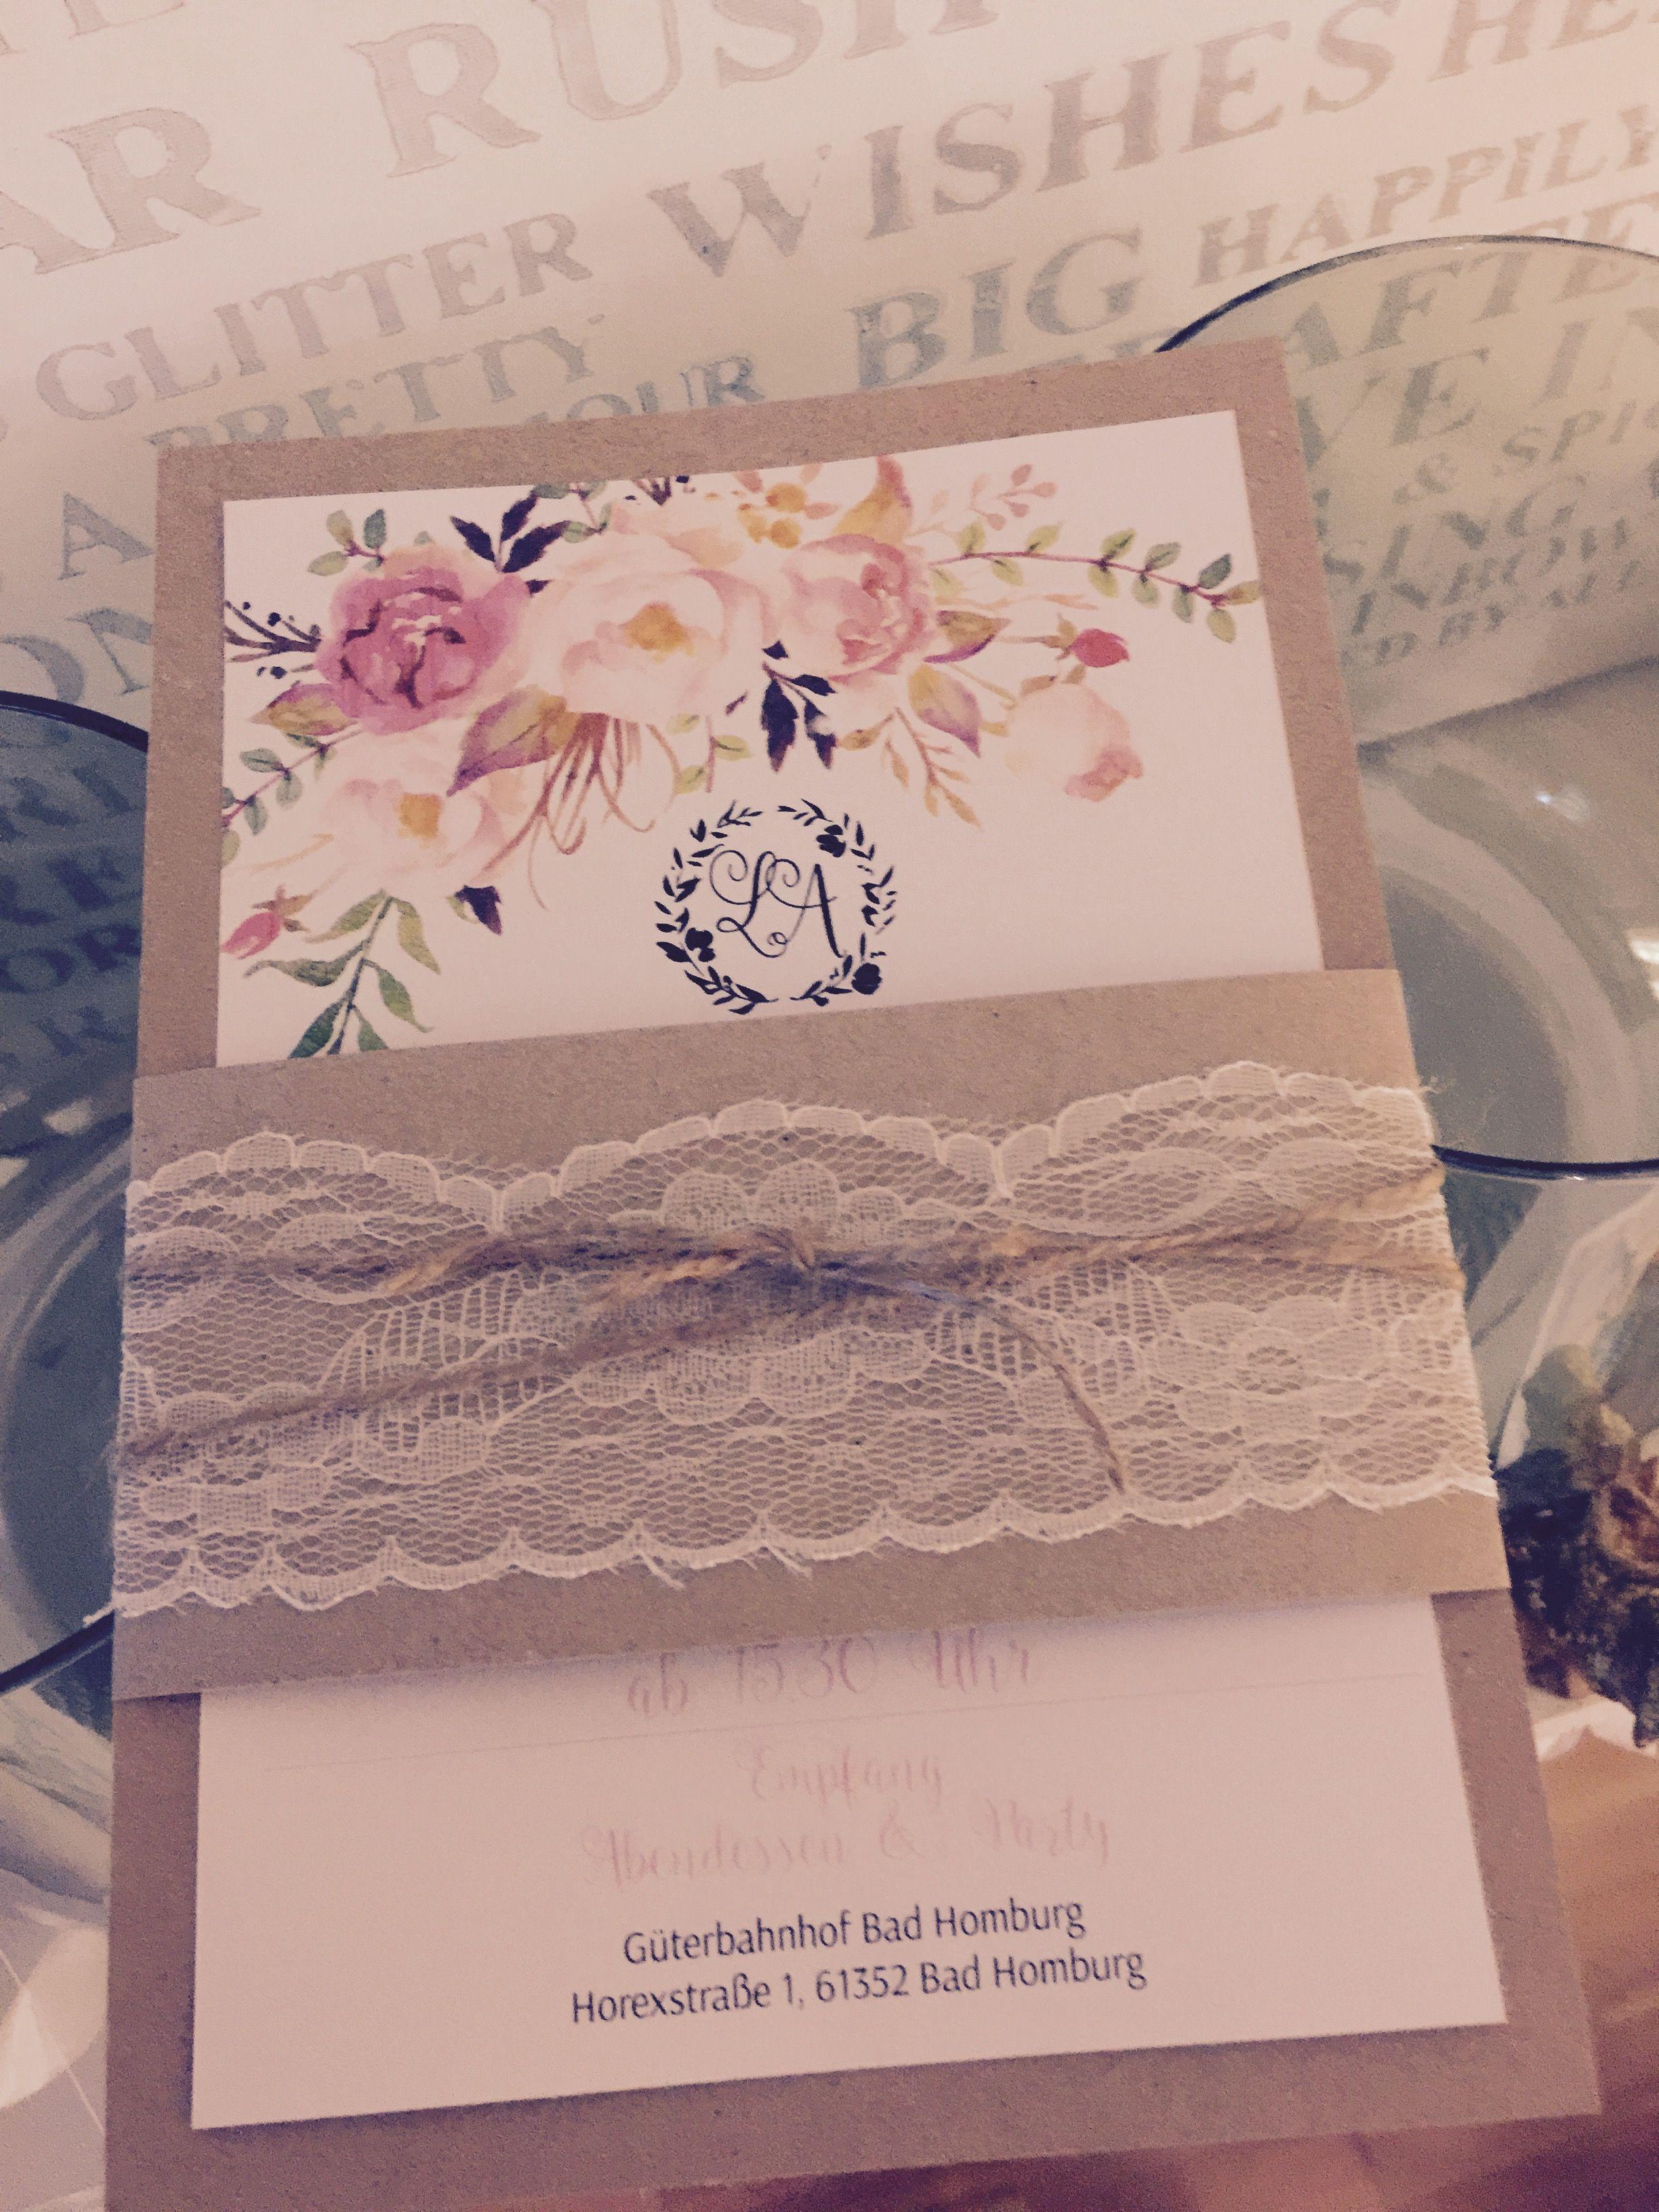 Exceptional Papier Fur Einladungskarten Hochzeit #6: Einladungskarten Hochzeit Vintage Mit Aquarell Blumen , Watercolor, Kordel,  Spitzenband Und Kraft Papier -